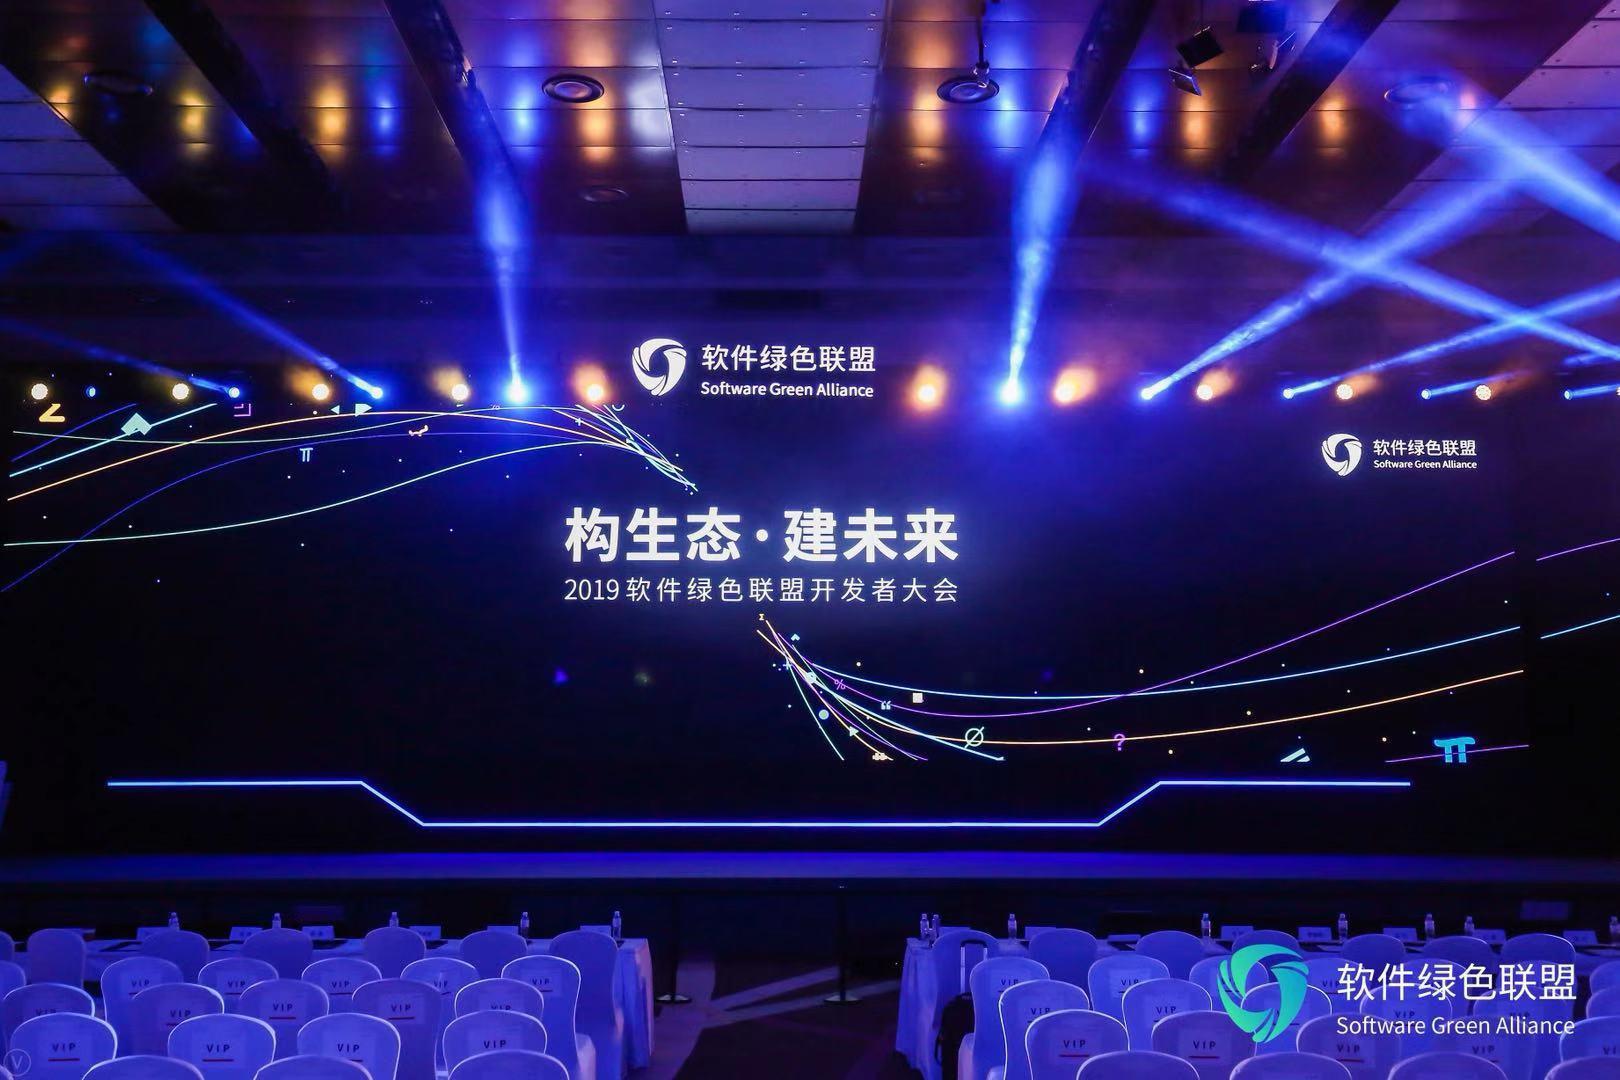 倪光南:华为业内估值13000亿美元超微软苹果